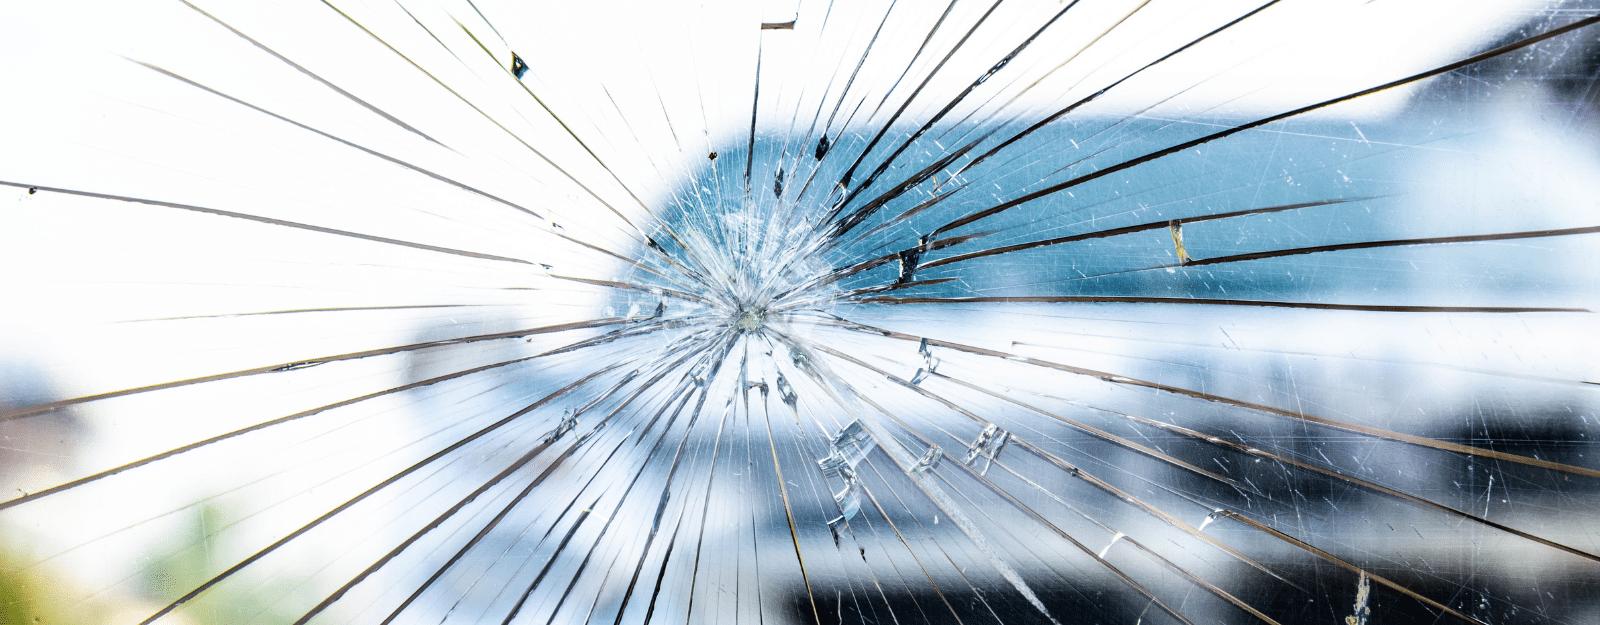 SwissLife assurance automobile : formules, franchise bris de glace et remboursement.